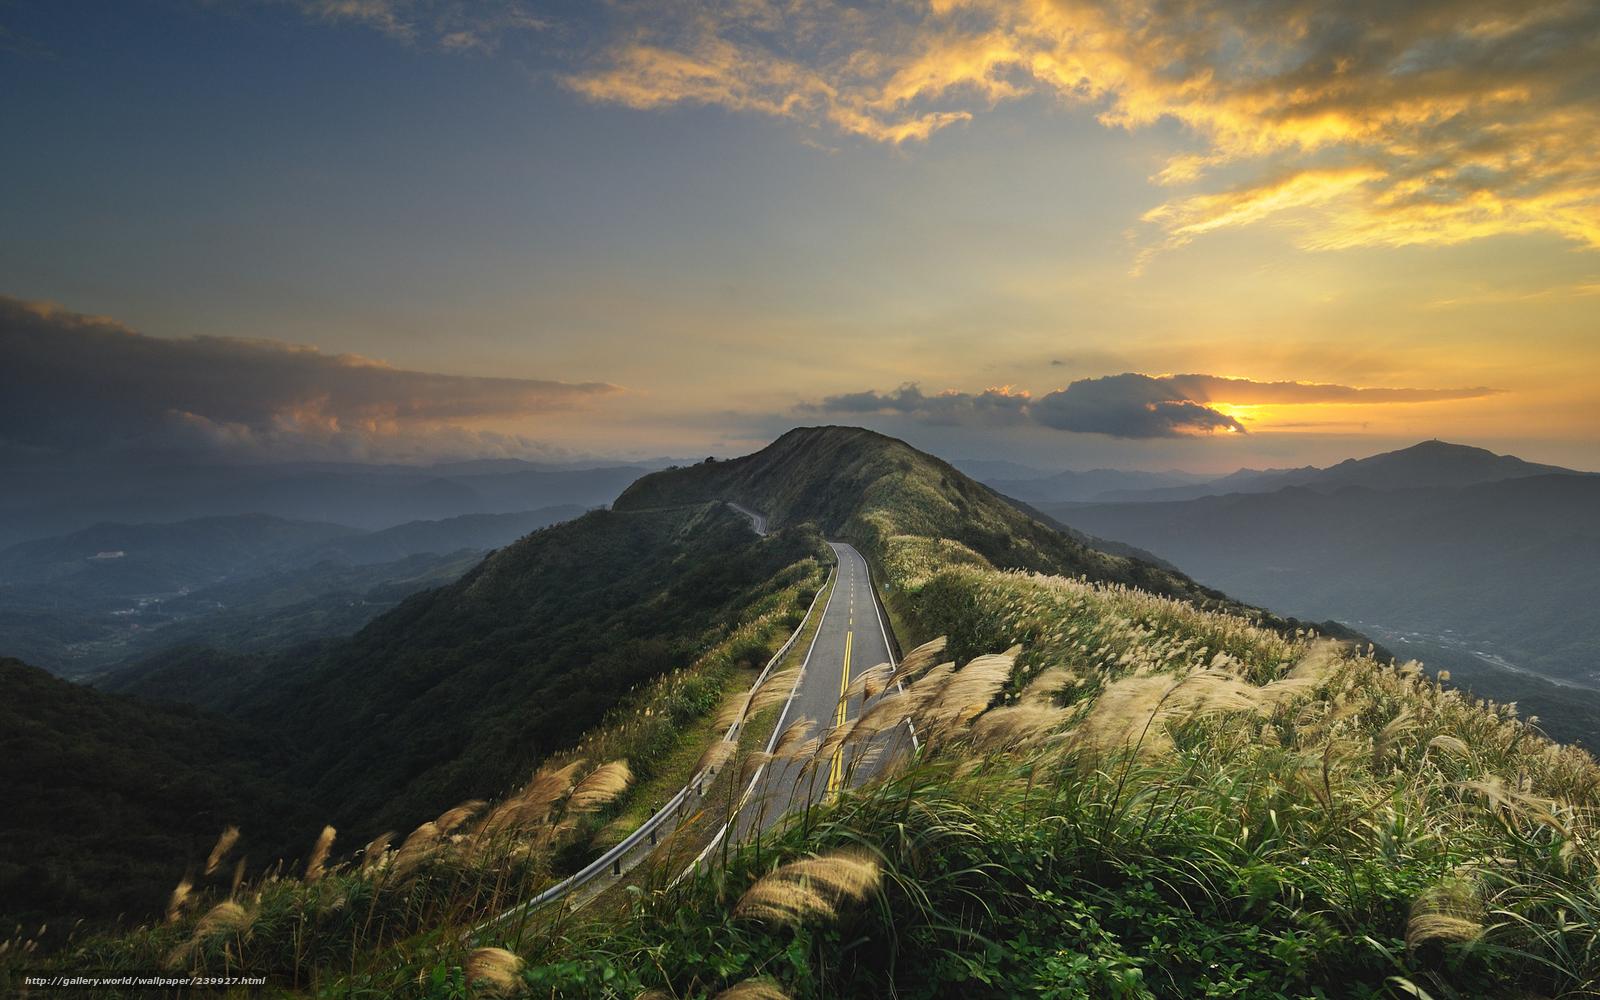 Места дороги фото небо ветер горы